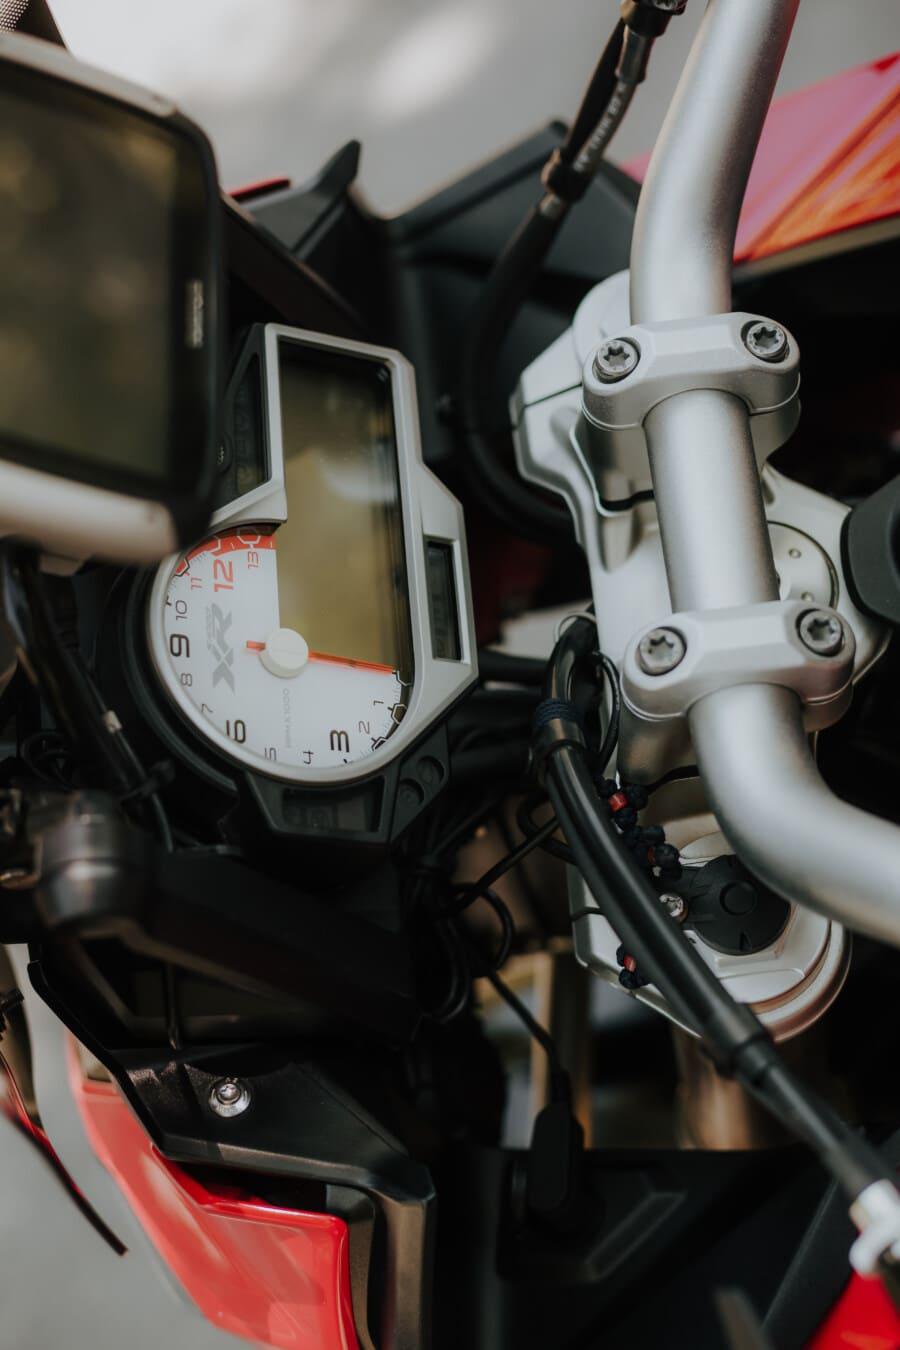 speed limit, motorcycle, speedometer, dashboard, steering wheel, gauge, gearshift, motorbike, device, bike